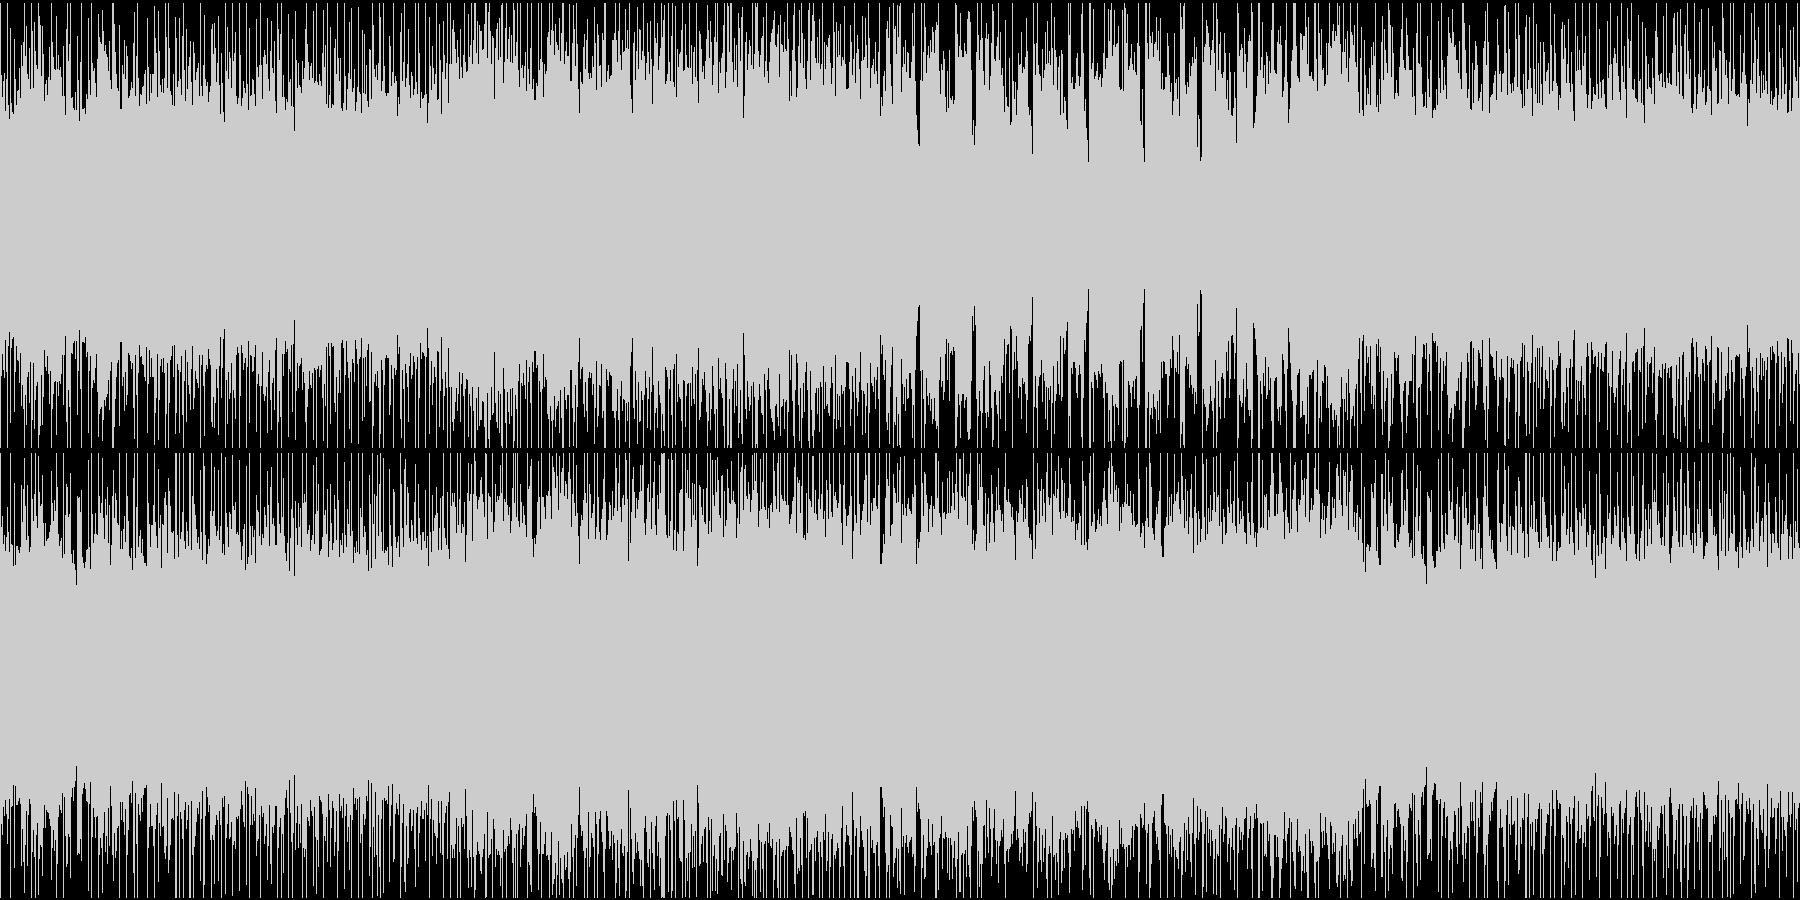 少しあやしげなヘヴィロックのギターリフの未再生の波形